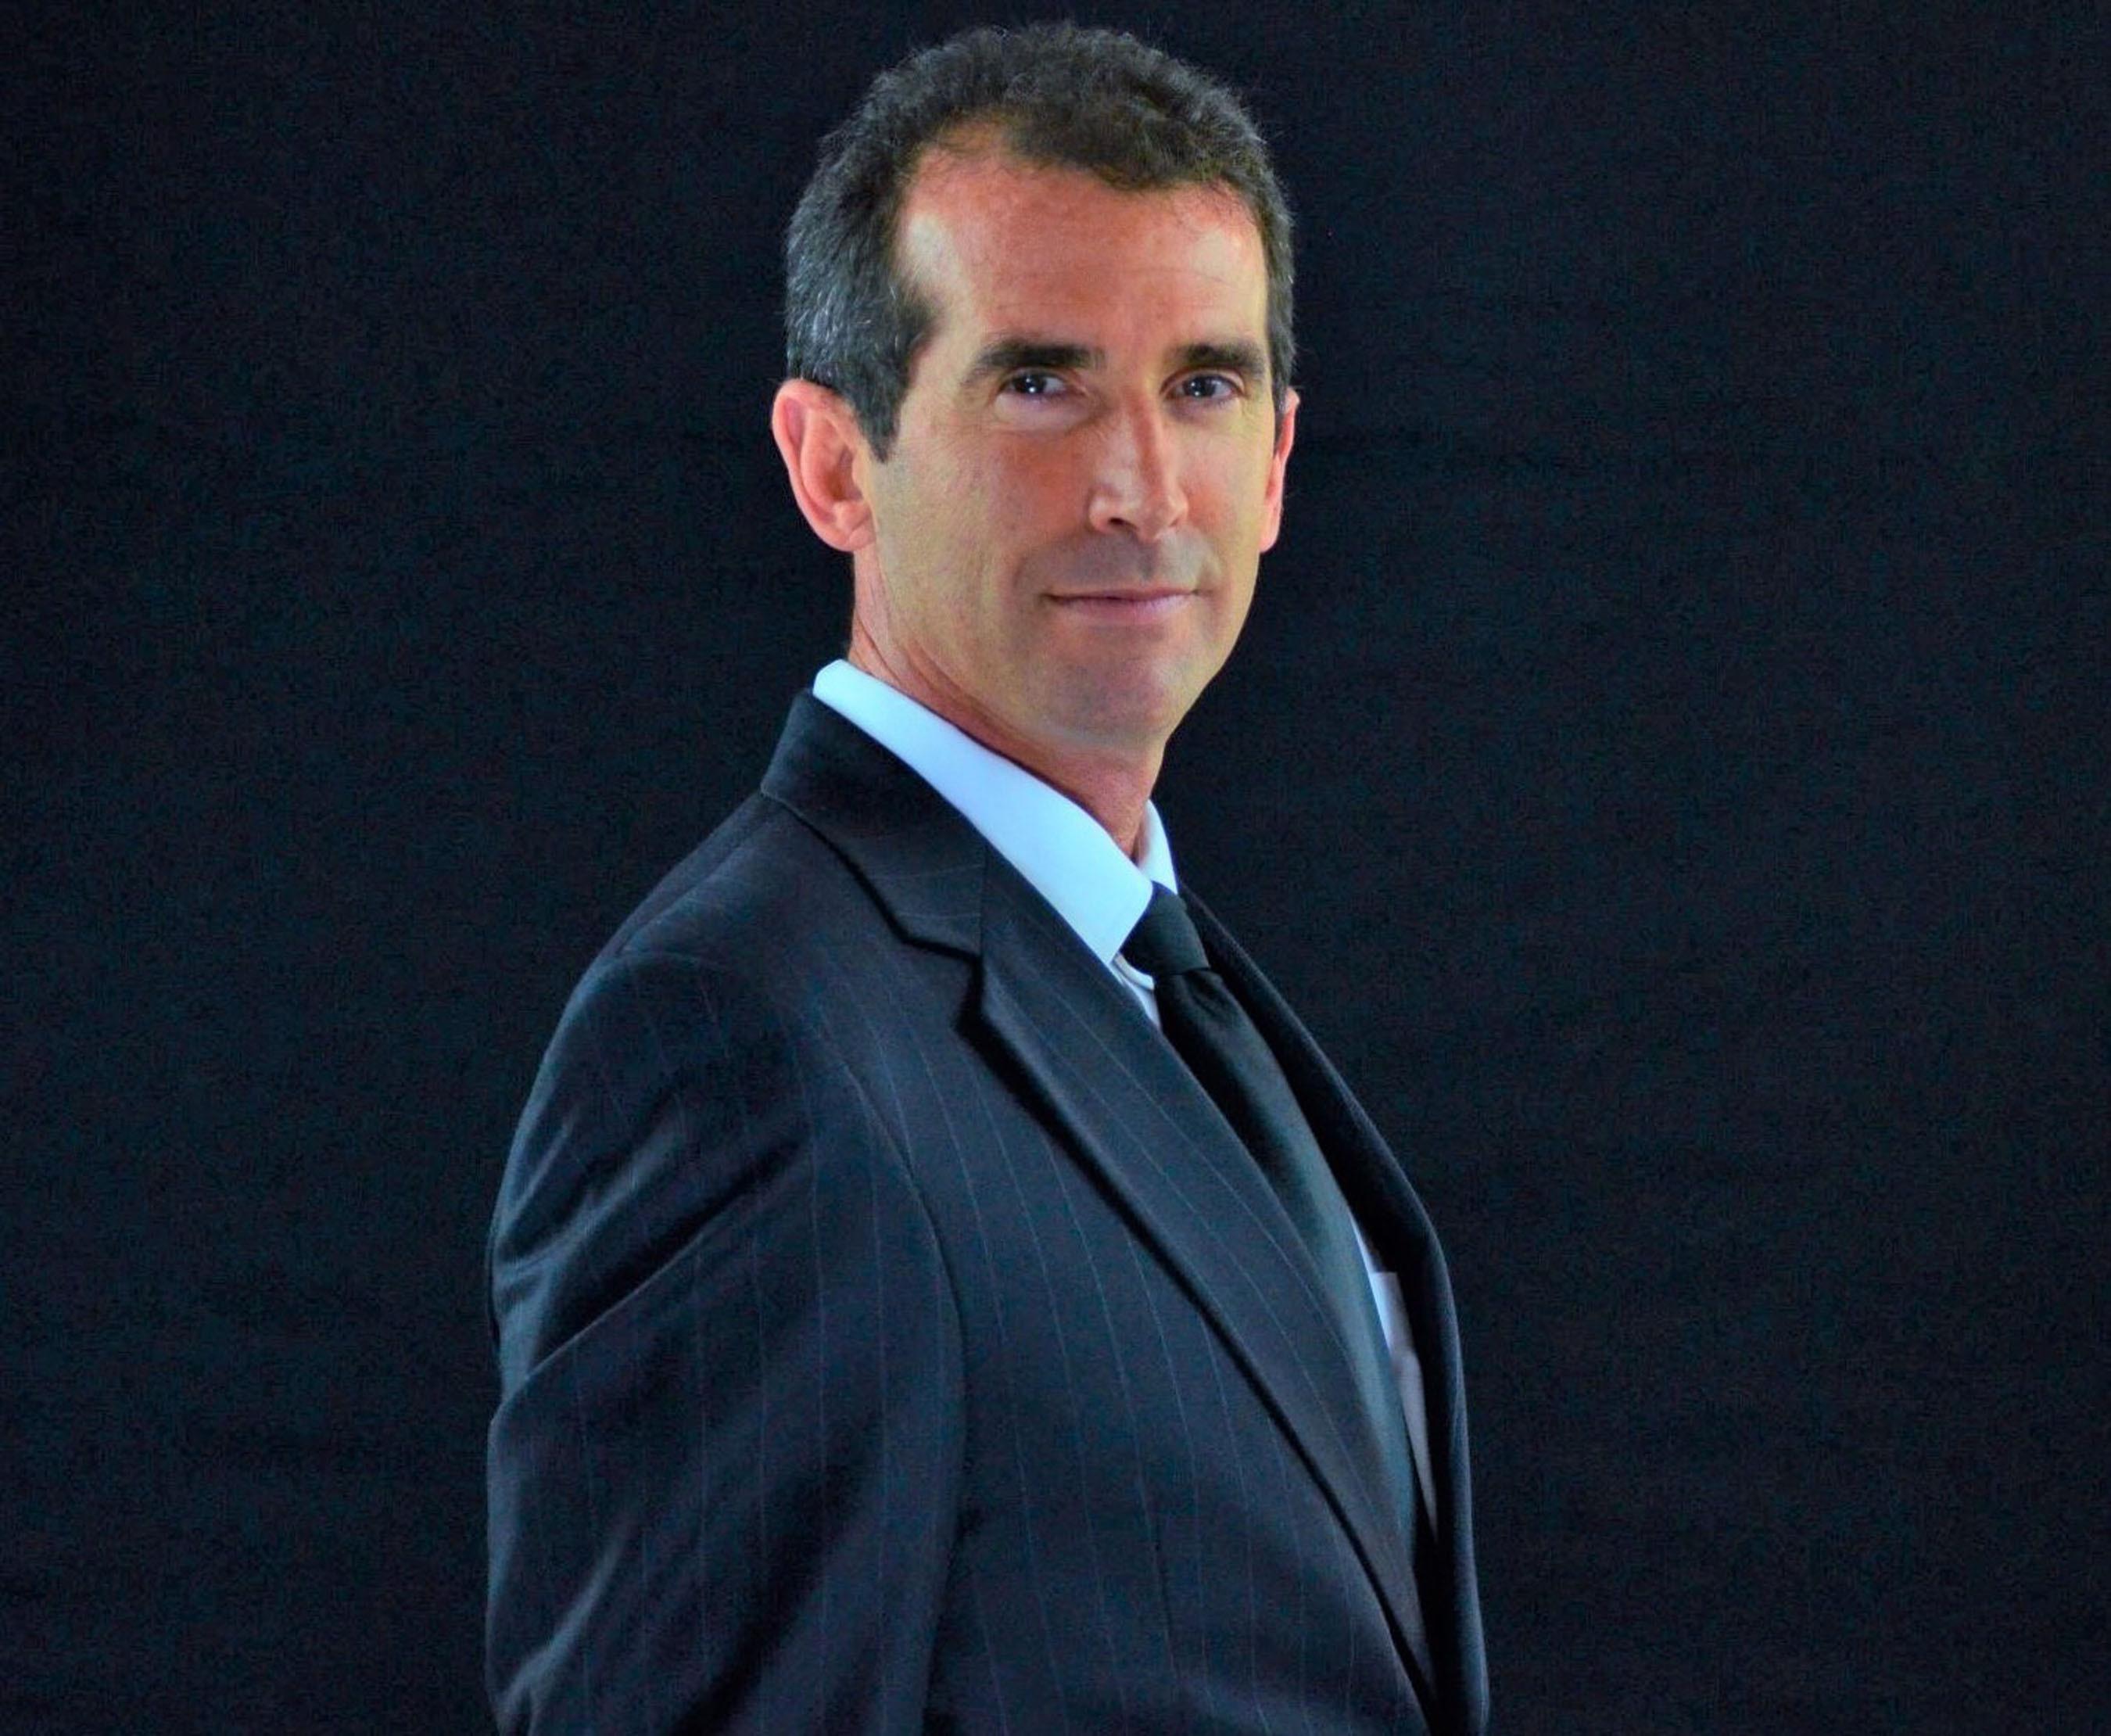 StemGenex(R) Medical Director, Dr. Mark Kalina, MD. (PRNewsFoto/StemGenex) (PRNewsFoto/STEMGENEX)